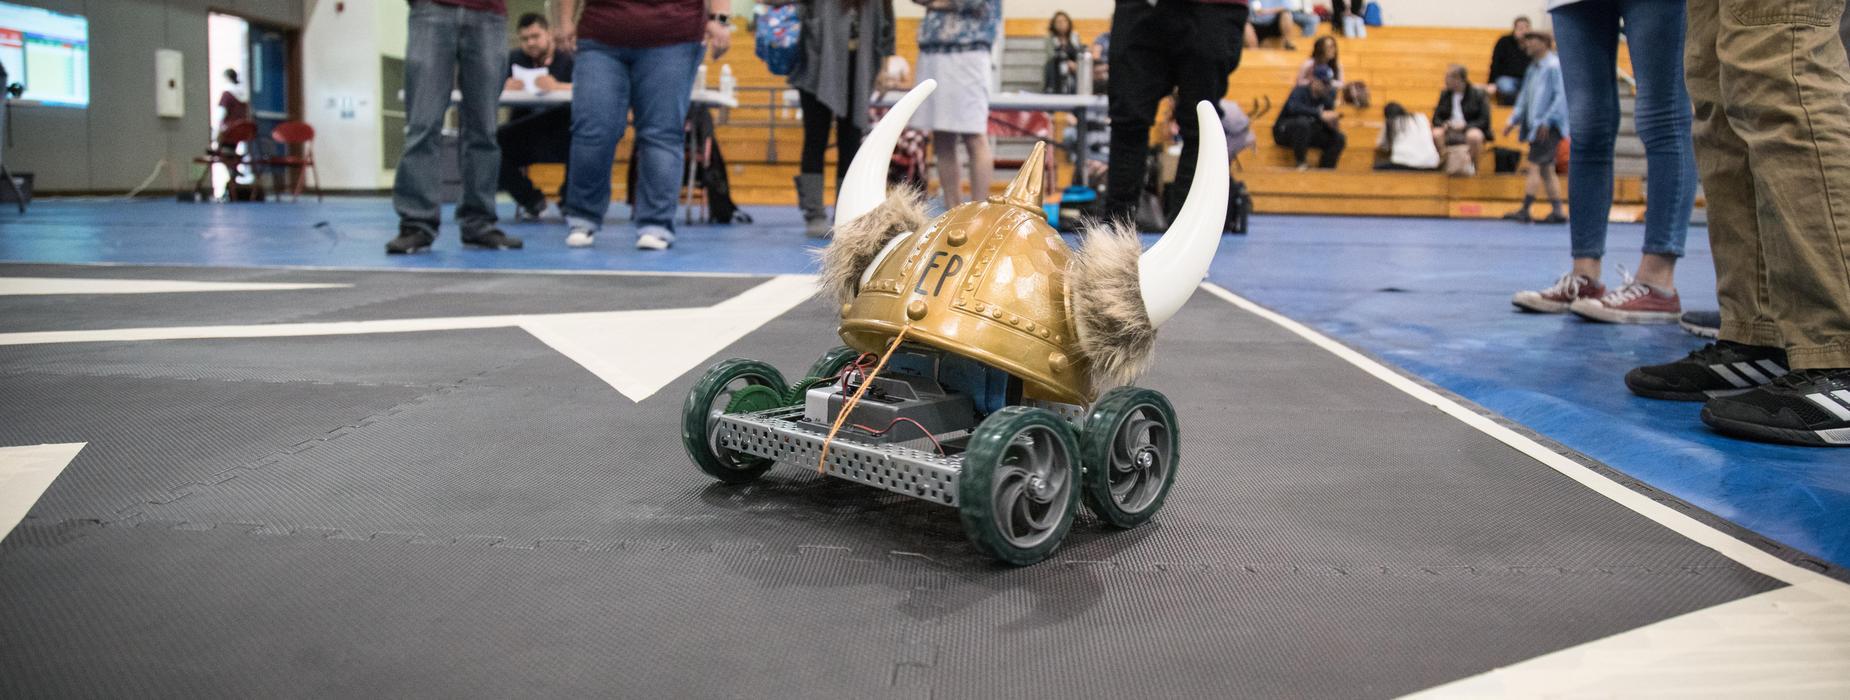 Emery Park Robot at VEX Robotics Event